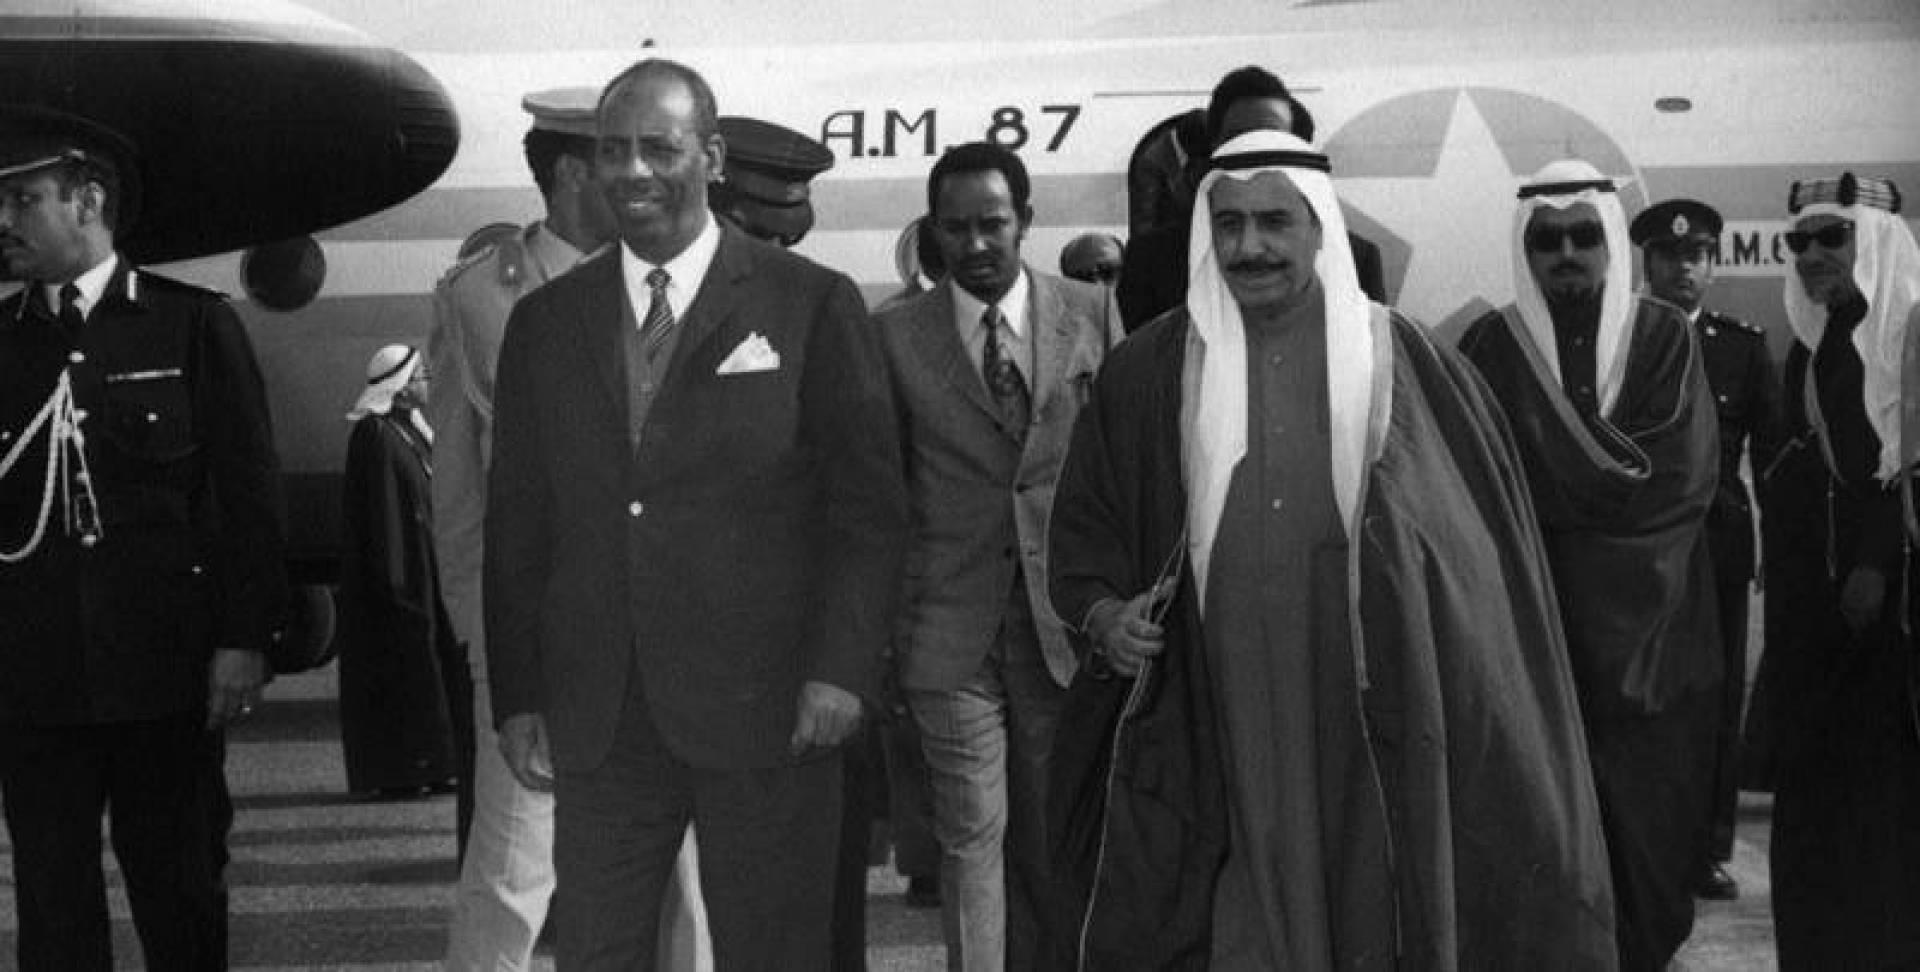 الأمير والرئيس الصومالي لدى نزول الضيف من الطائرة.. أرشيفية